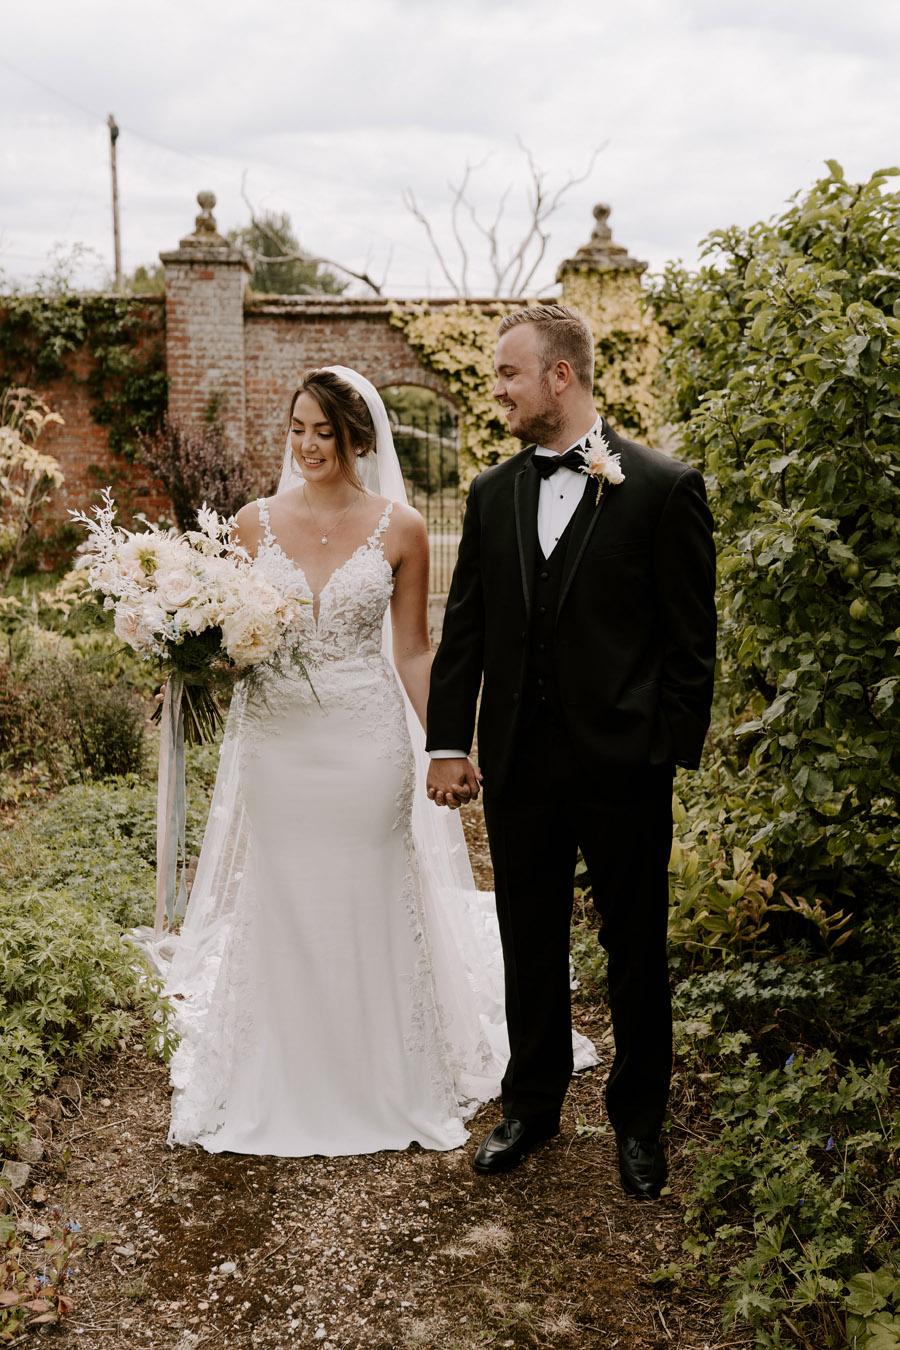 Classic and Stately – Edmondsham House wedding inspiration, image credit Jack Aldridge Photography (3)